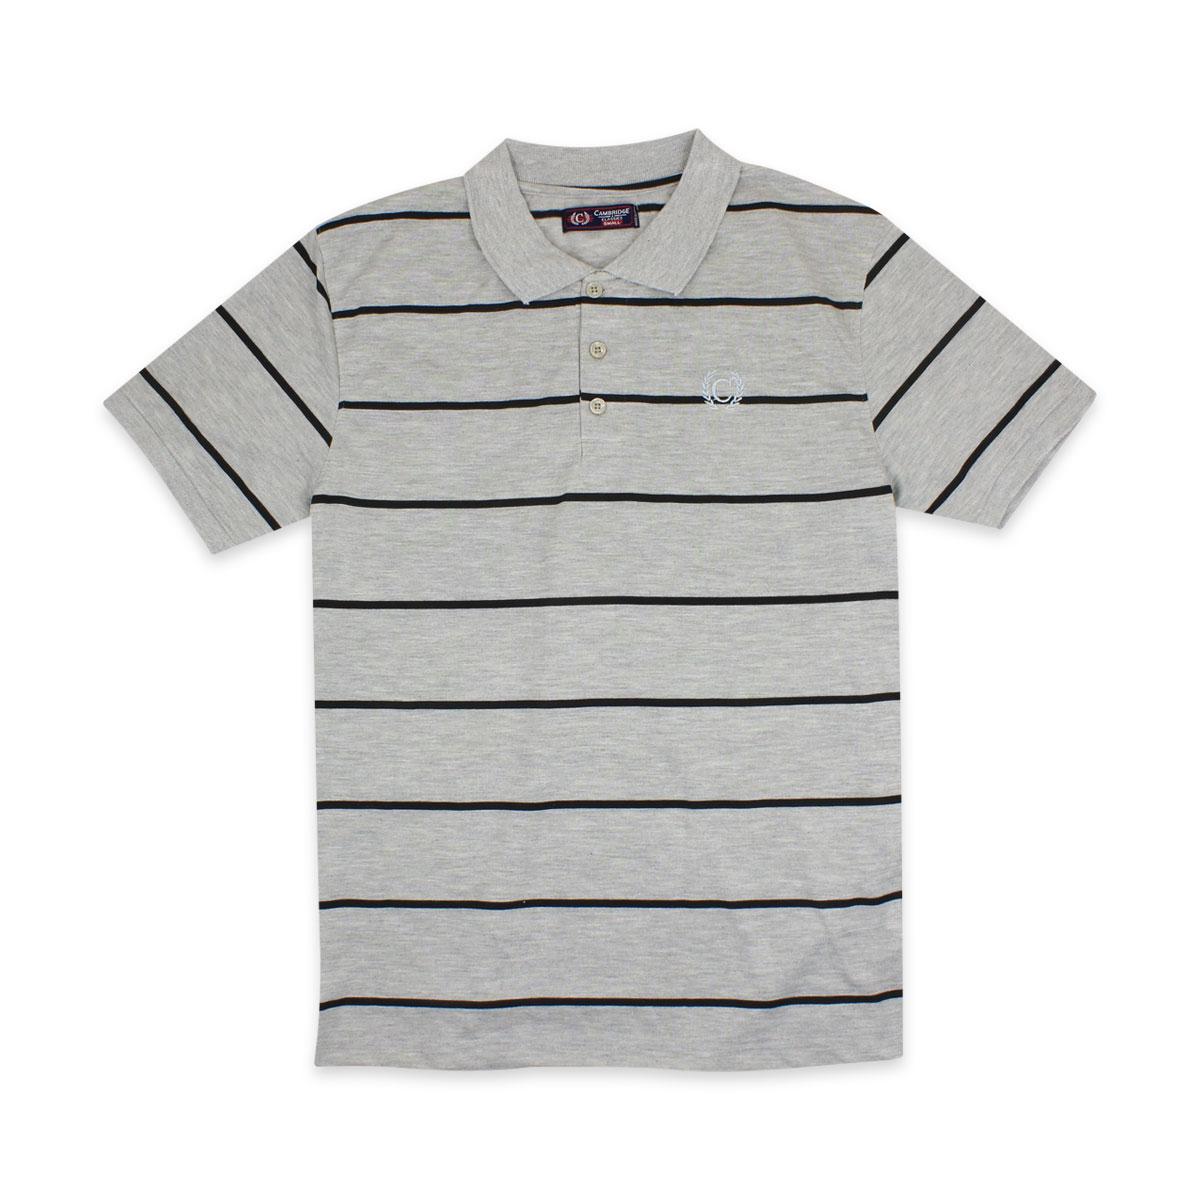 Camisas-Polo-Para-Hombre-A-Rayas-Pique-Con-Cuello-camiseta-Camiseta-Manga-Corta-De-Verano-S-M-L-XL miniatura 57